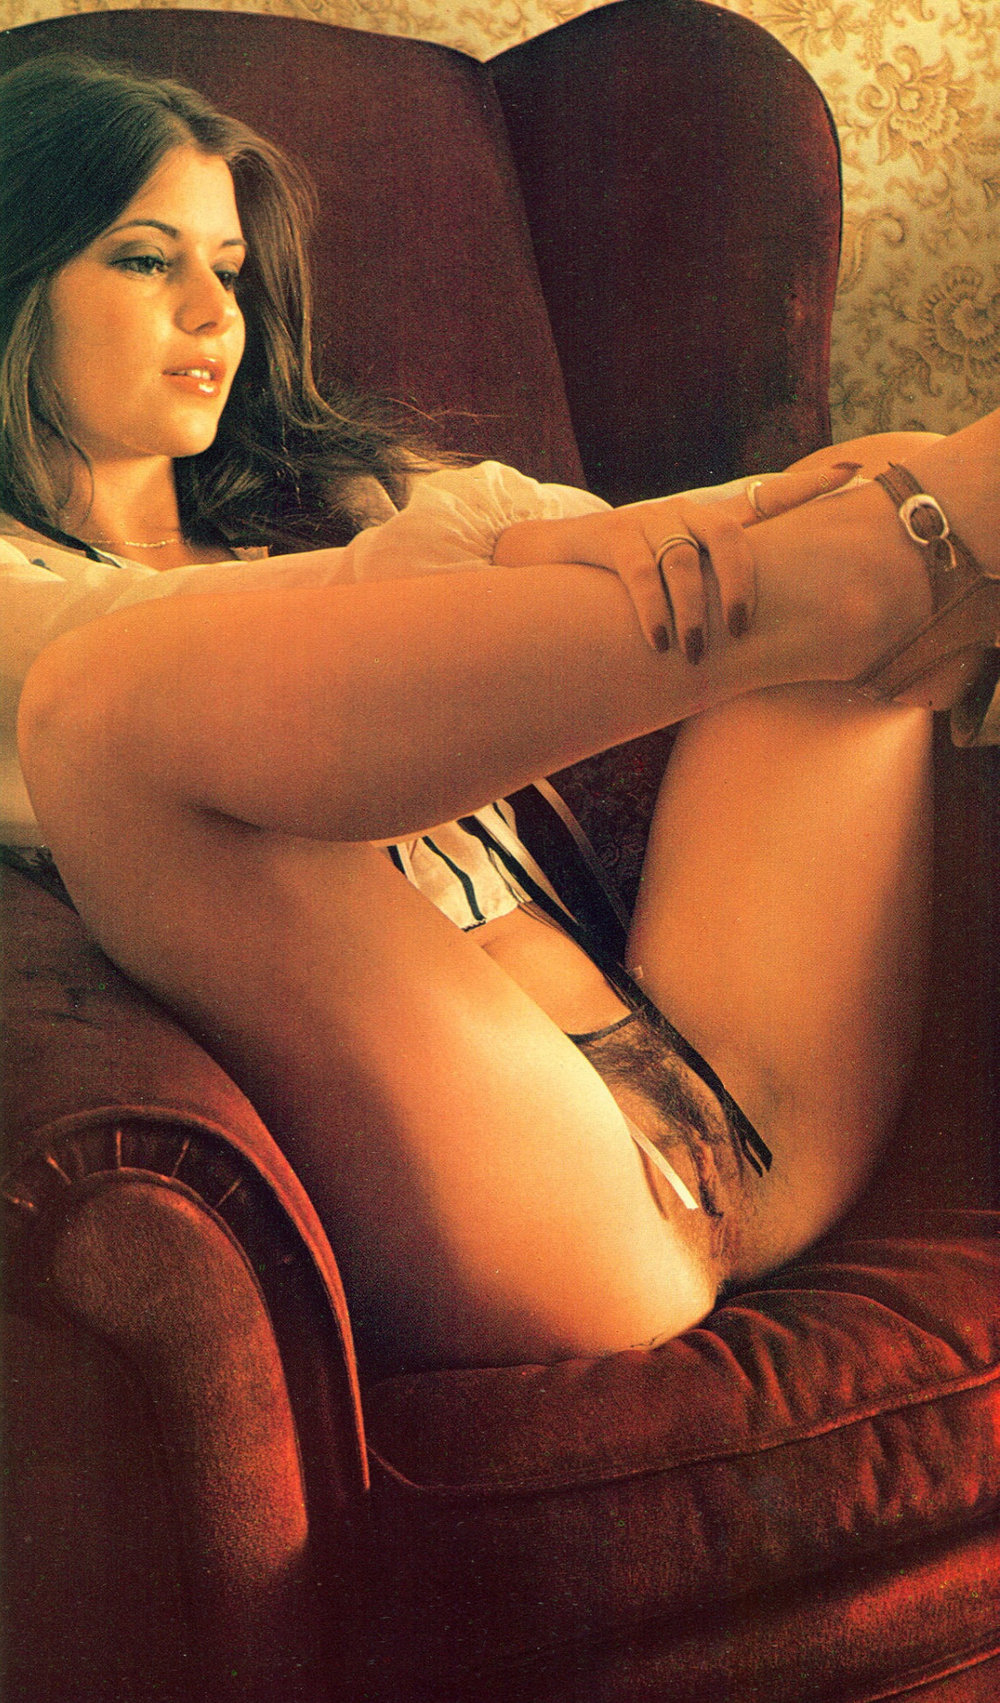 marguerite-turmacher-gallery-magazine-1976